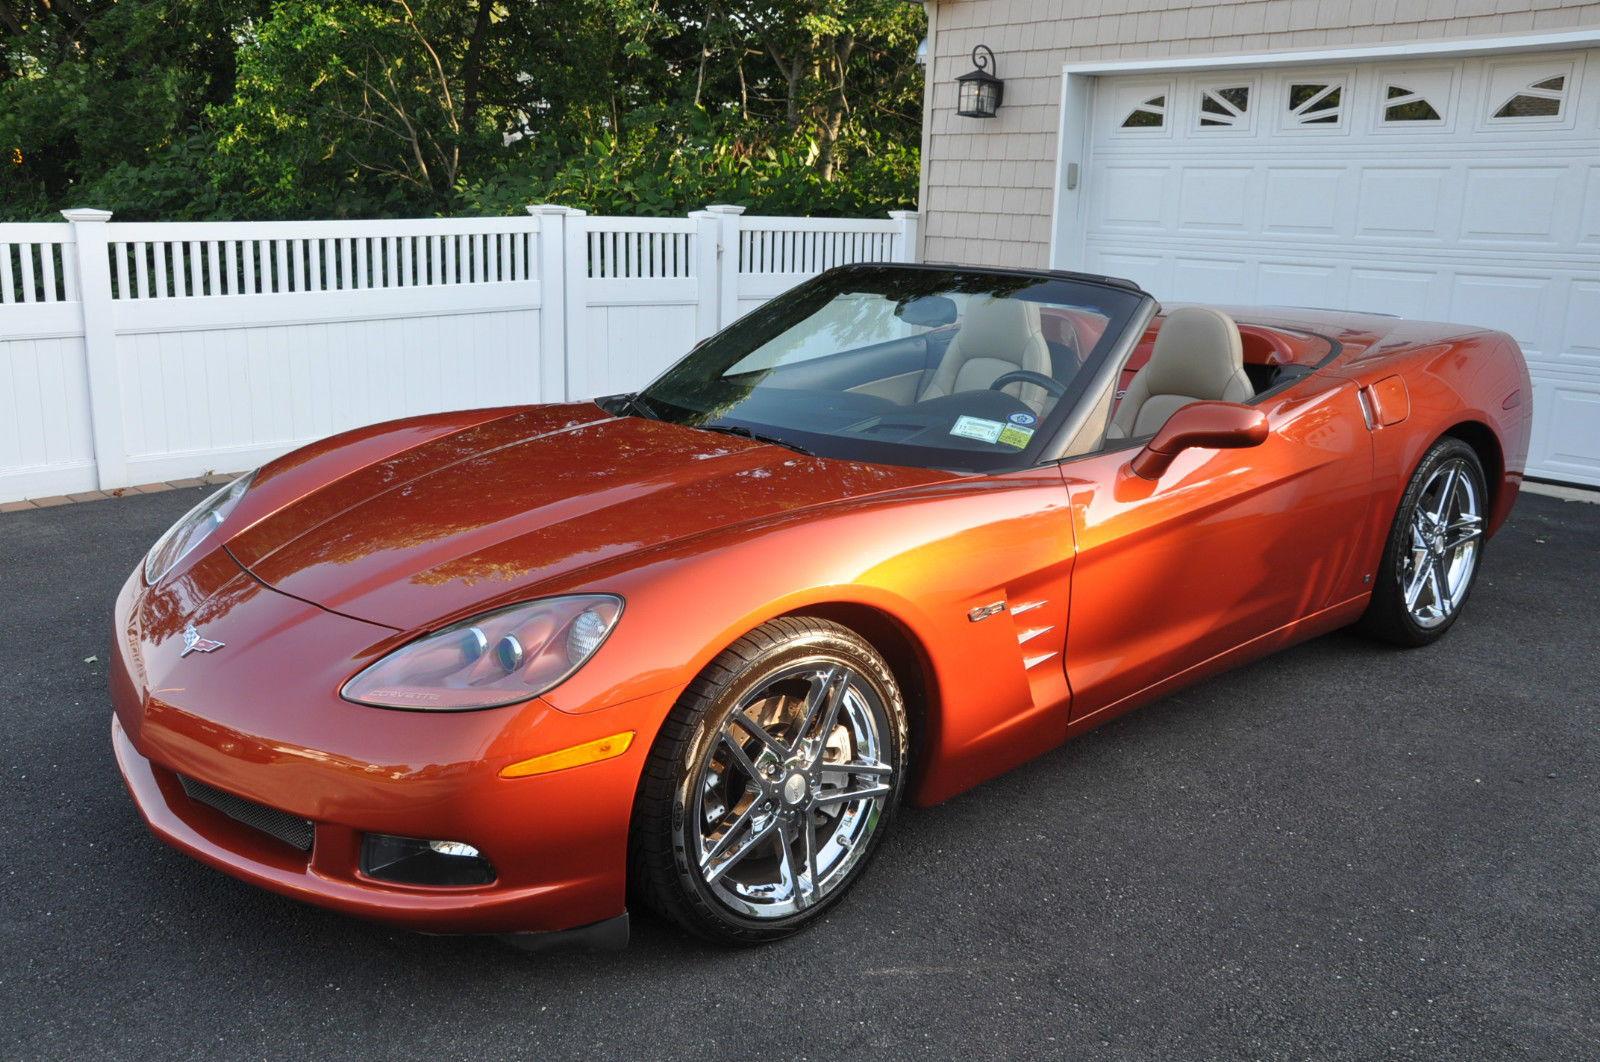 fs 3lt 2006 corvette convertible daytona orange loaded hud nav z06 rims corvetteforum. Black Bedroom Furniture Sets. Home Design Ideas